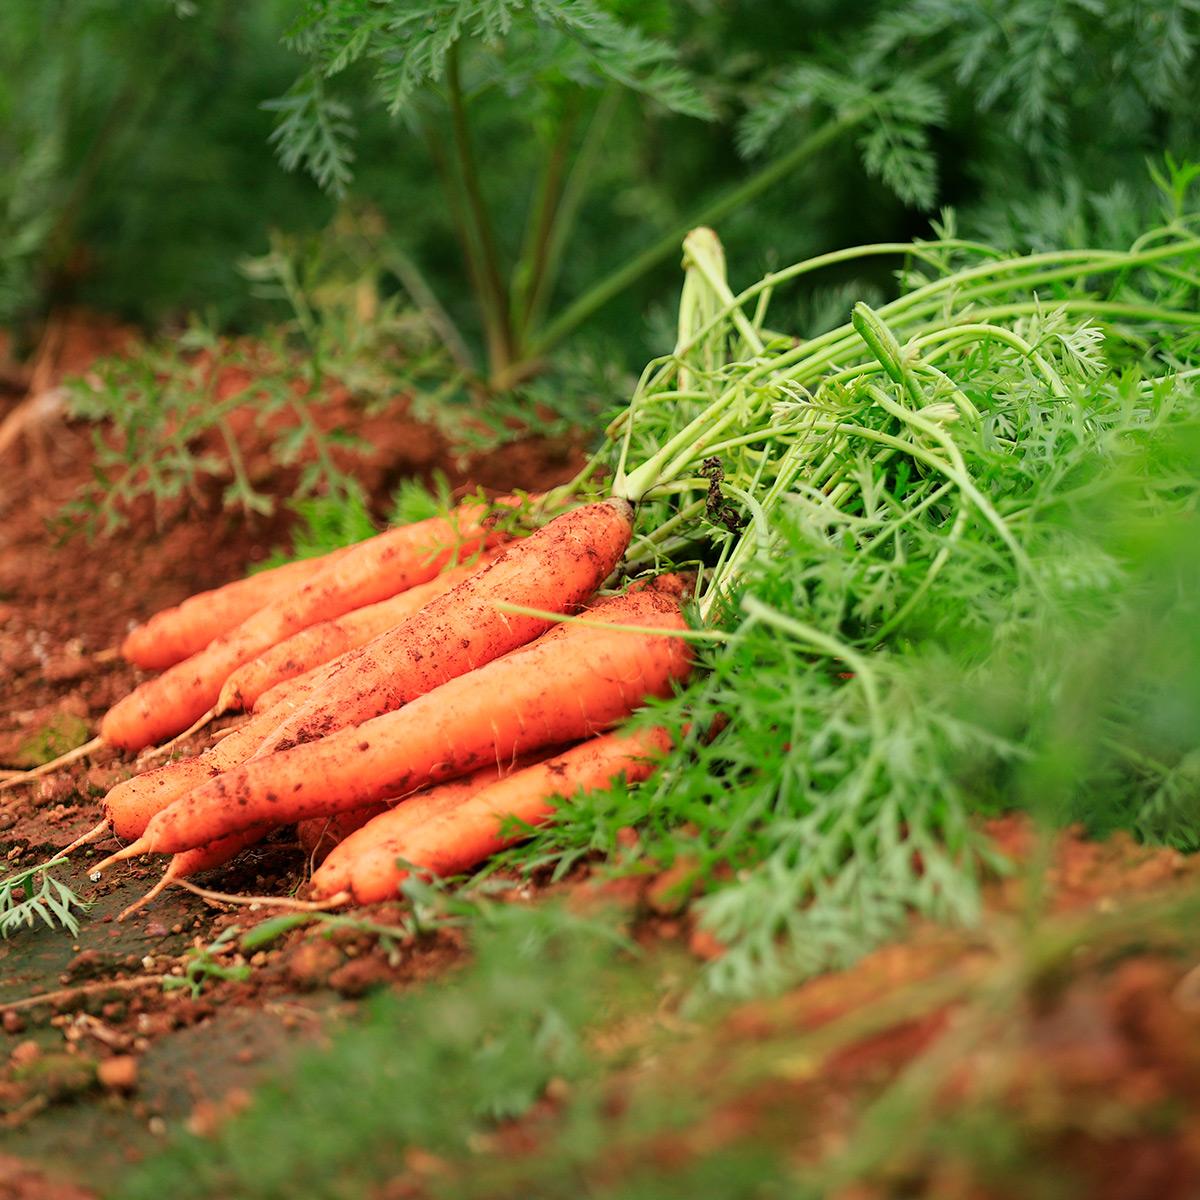 Um dos elementos mais importantes para o Marketing do Agronegócio da Fazenda Alvorada (Cebolas RIKA) é o uso de imagens de qualidade no novo site.